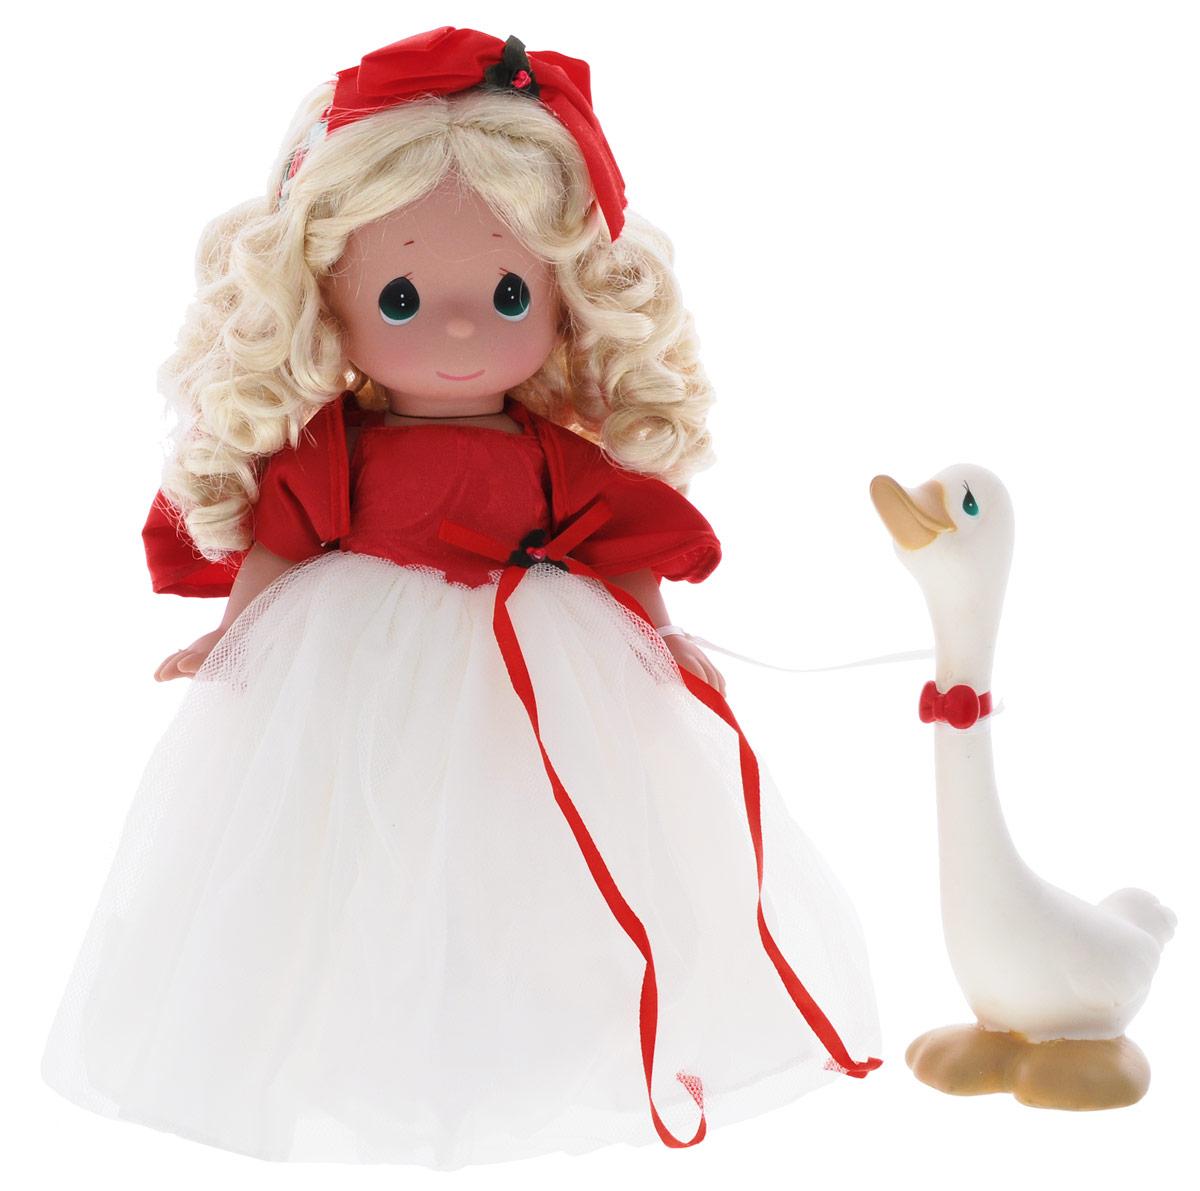 Precious Moments Кукла Сезон радости блондинка4694Коллекция кукол Precious Moments ростом выше 30 см насчитывает на сегодняшний день более 600 видов. Куклы изготавливаются из качественного, безопасного материала и имеют пять базовых точек артикуляции. Каждый год в коллекцию добавляются все новые и новые модели. Каждая кукла имеет свой неповторимый образ и характер. Она может быть подарком на память о каком- либо событии в жизни. Куклы выполнены с любовью и нежностью, которую дарит нам известная волшебница - создатель кукол Линда Рик! Кукла Сезон радости очарует вас и вашу дочурку с первого взгляда! Кукла одета в пышное платье с белым подолом. На ногах у куклы золотистые туфли. У девочки светлые вьющиеся волосы и большие глаза изумрудного цвета. Одежда у куклы съемная. В комплект с куклой входит гусь с красным бантиком на шее. Игра с куклой разовьет в вашей малышке чувство ответственности и заботы. Порадуйте свою принцессу таким великолепным подарком!